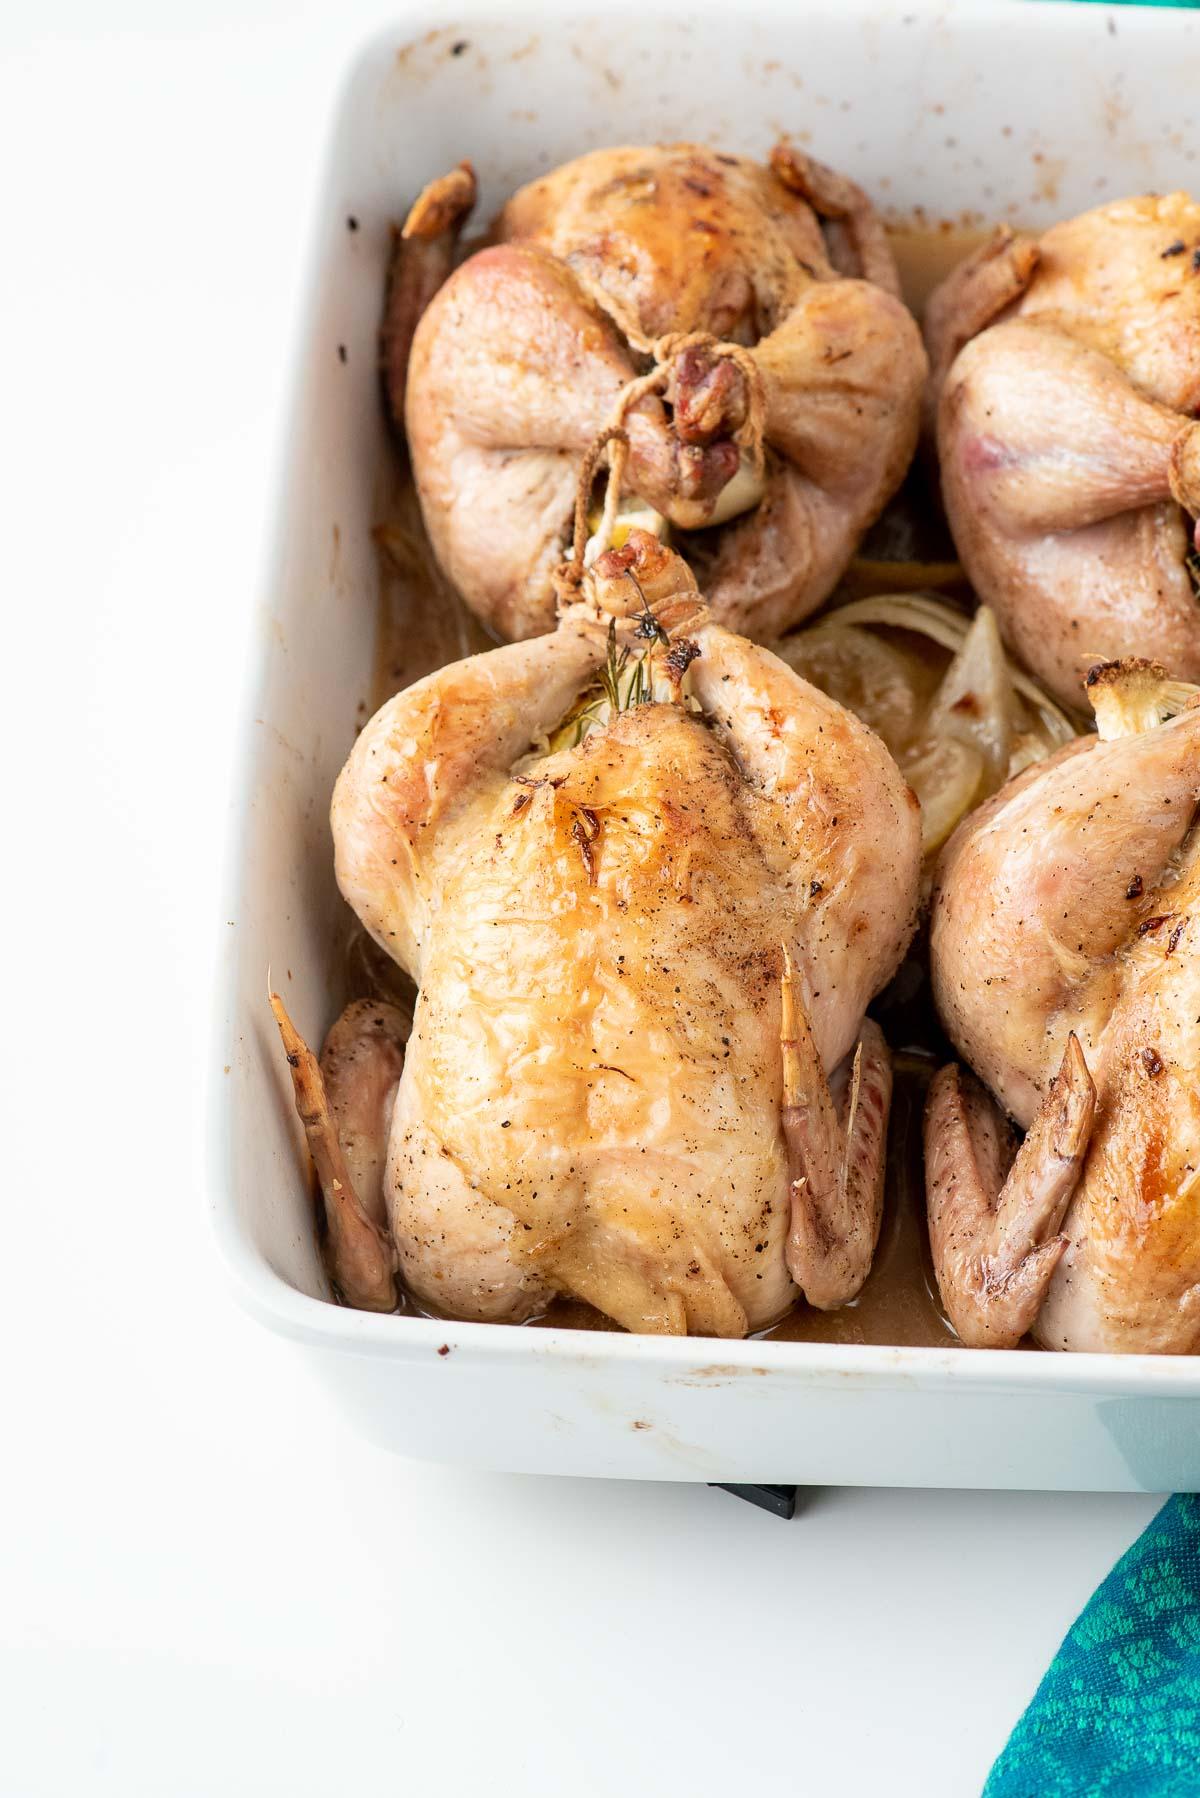 cornish hen in baking dish